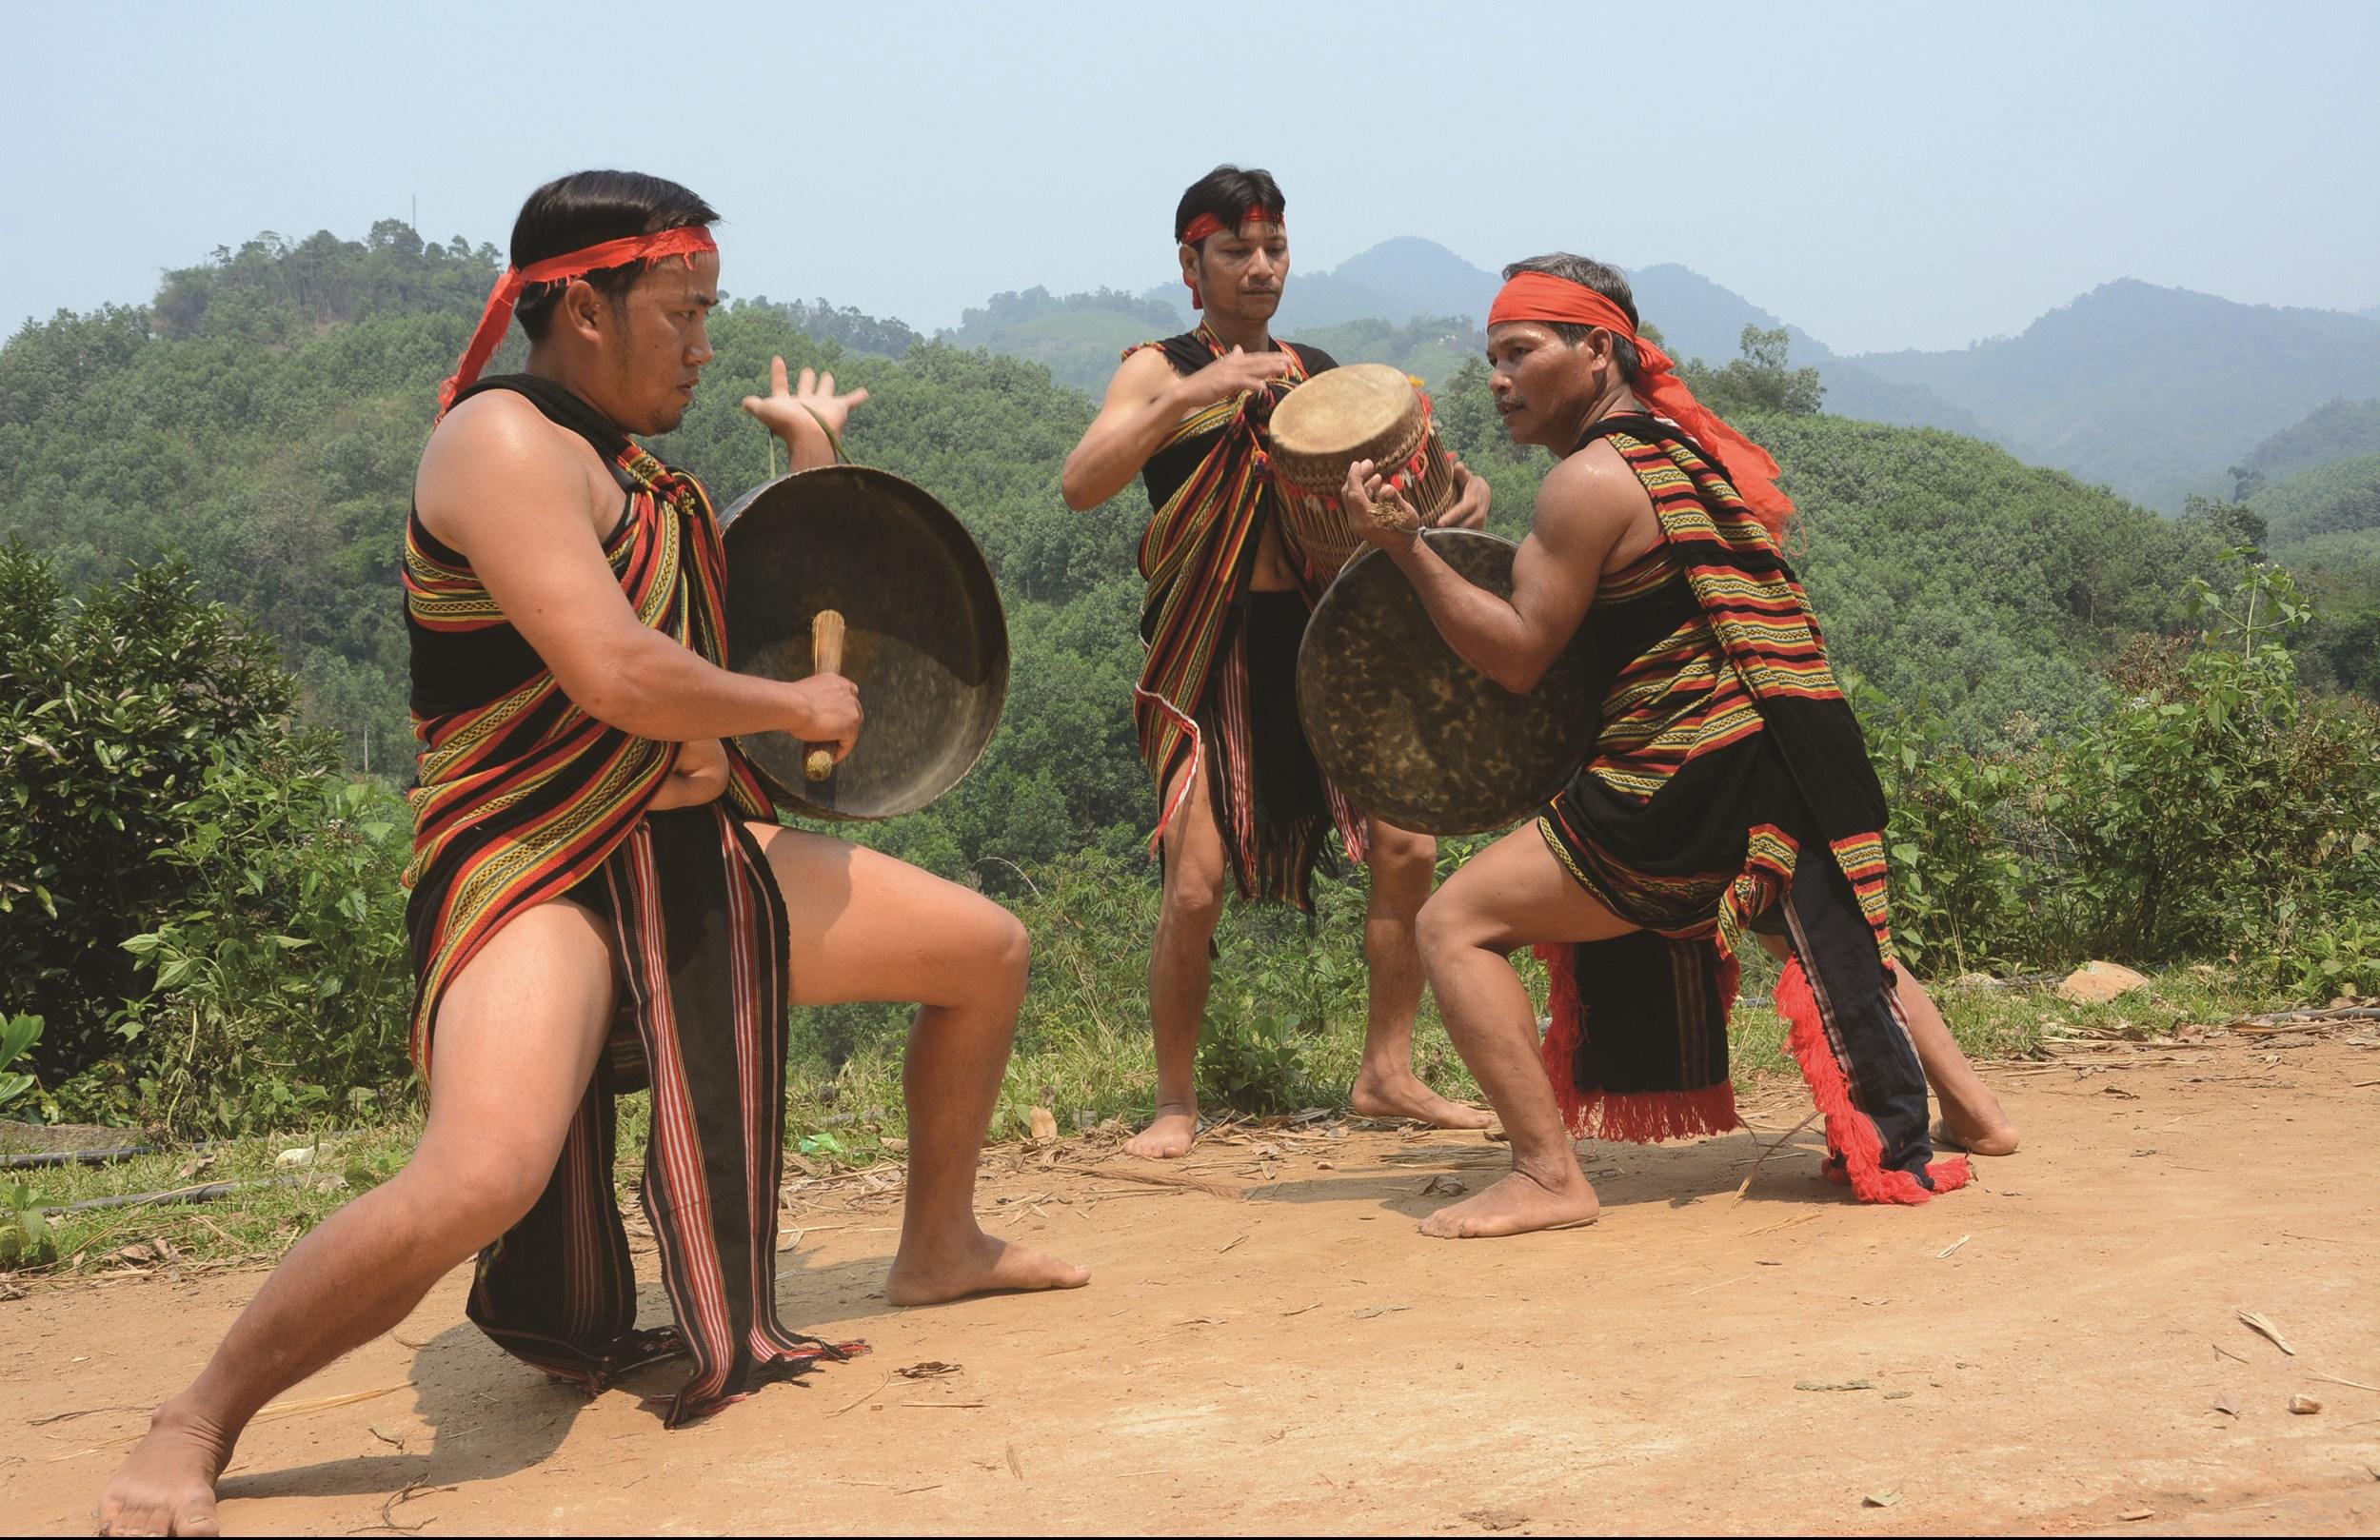 Nhờ sự quan tâm của các cấp, ngành và những người có tâm huyết, nhiều di sản văn hóa của các DTTS được bảo tồn và phát huy. (Trong ảnh: Tiết mục đấu chiêng của người Cor)